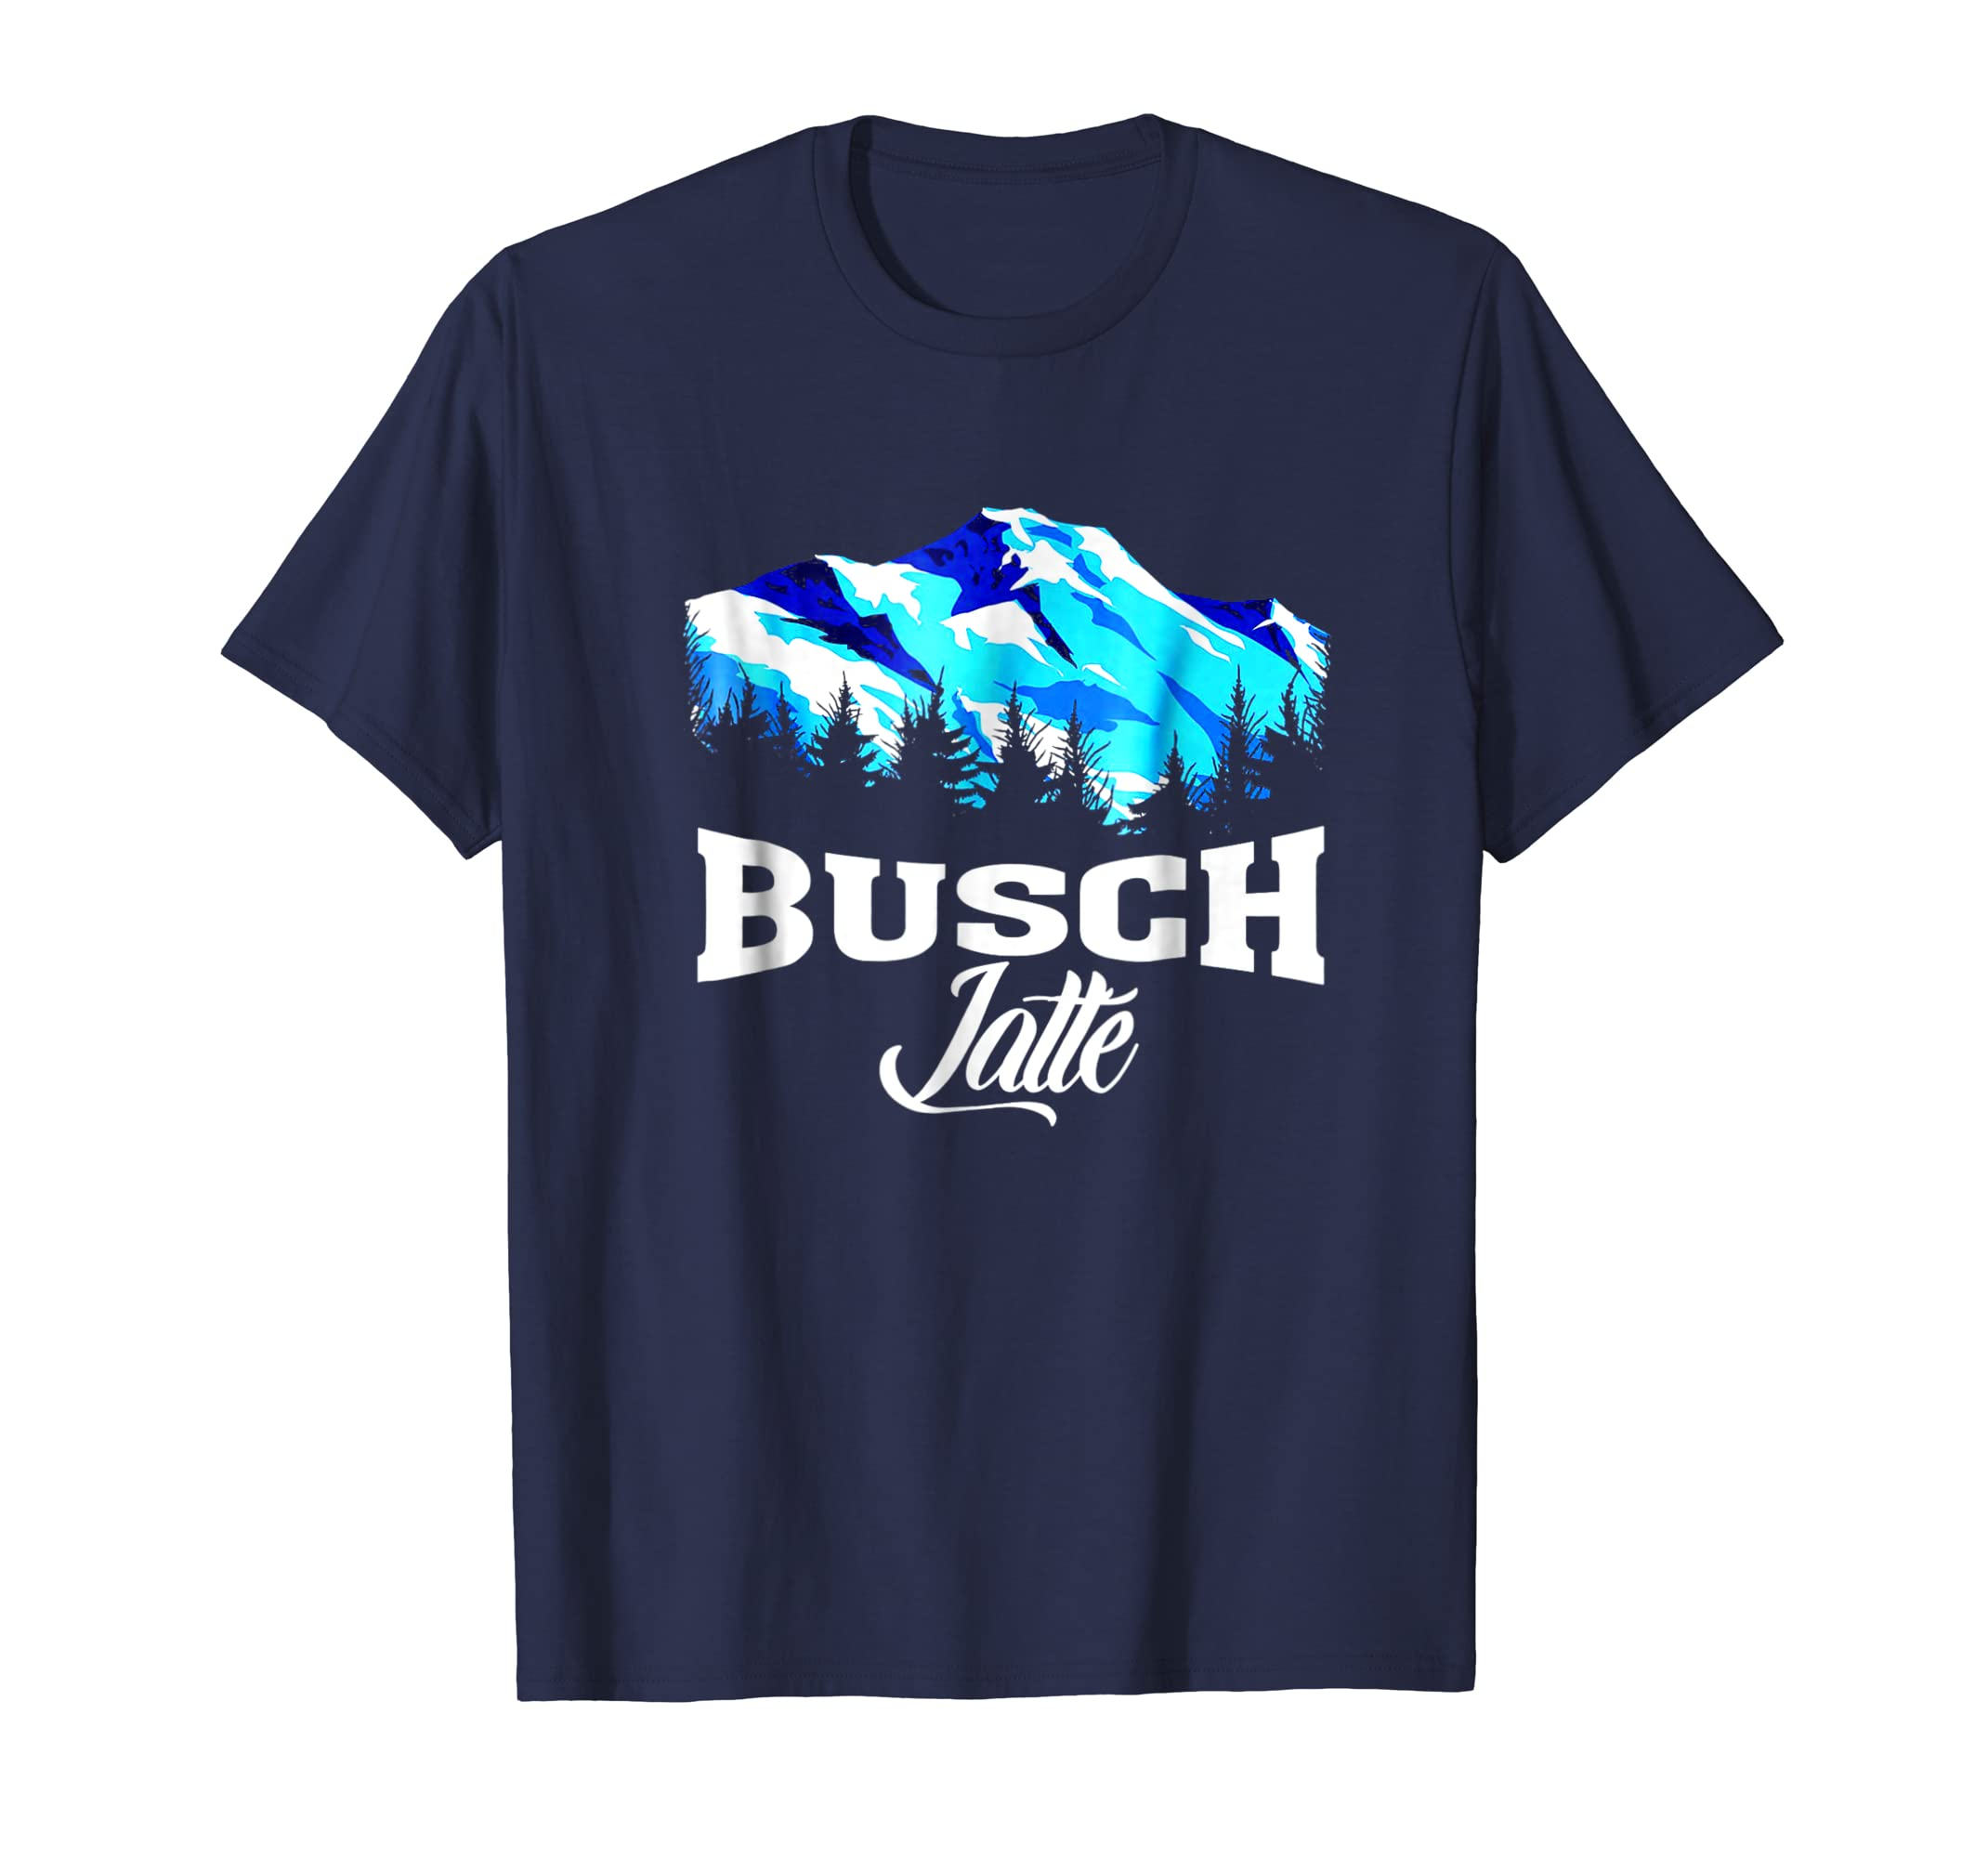 _Busch Light Busch Latte_-ln